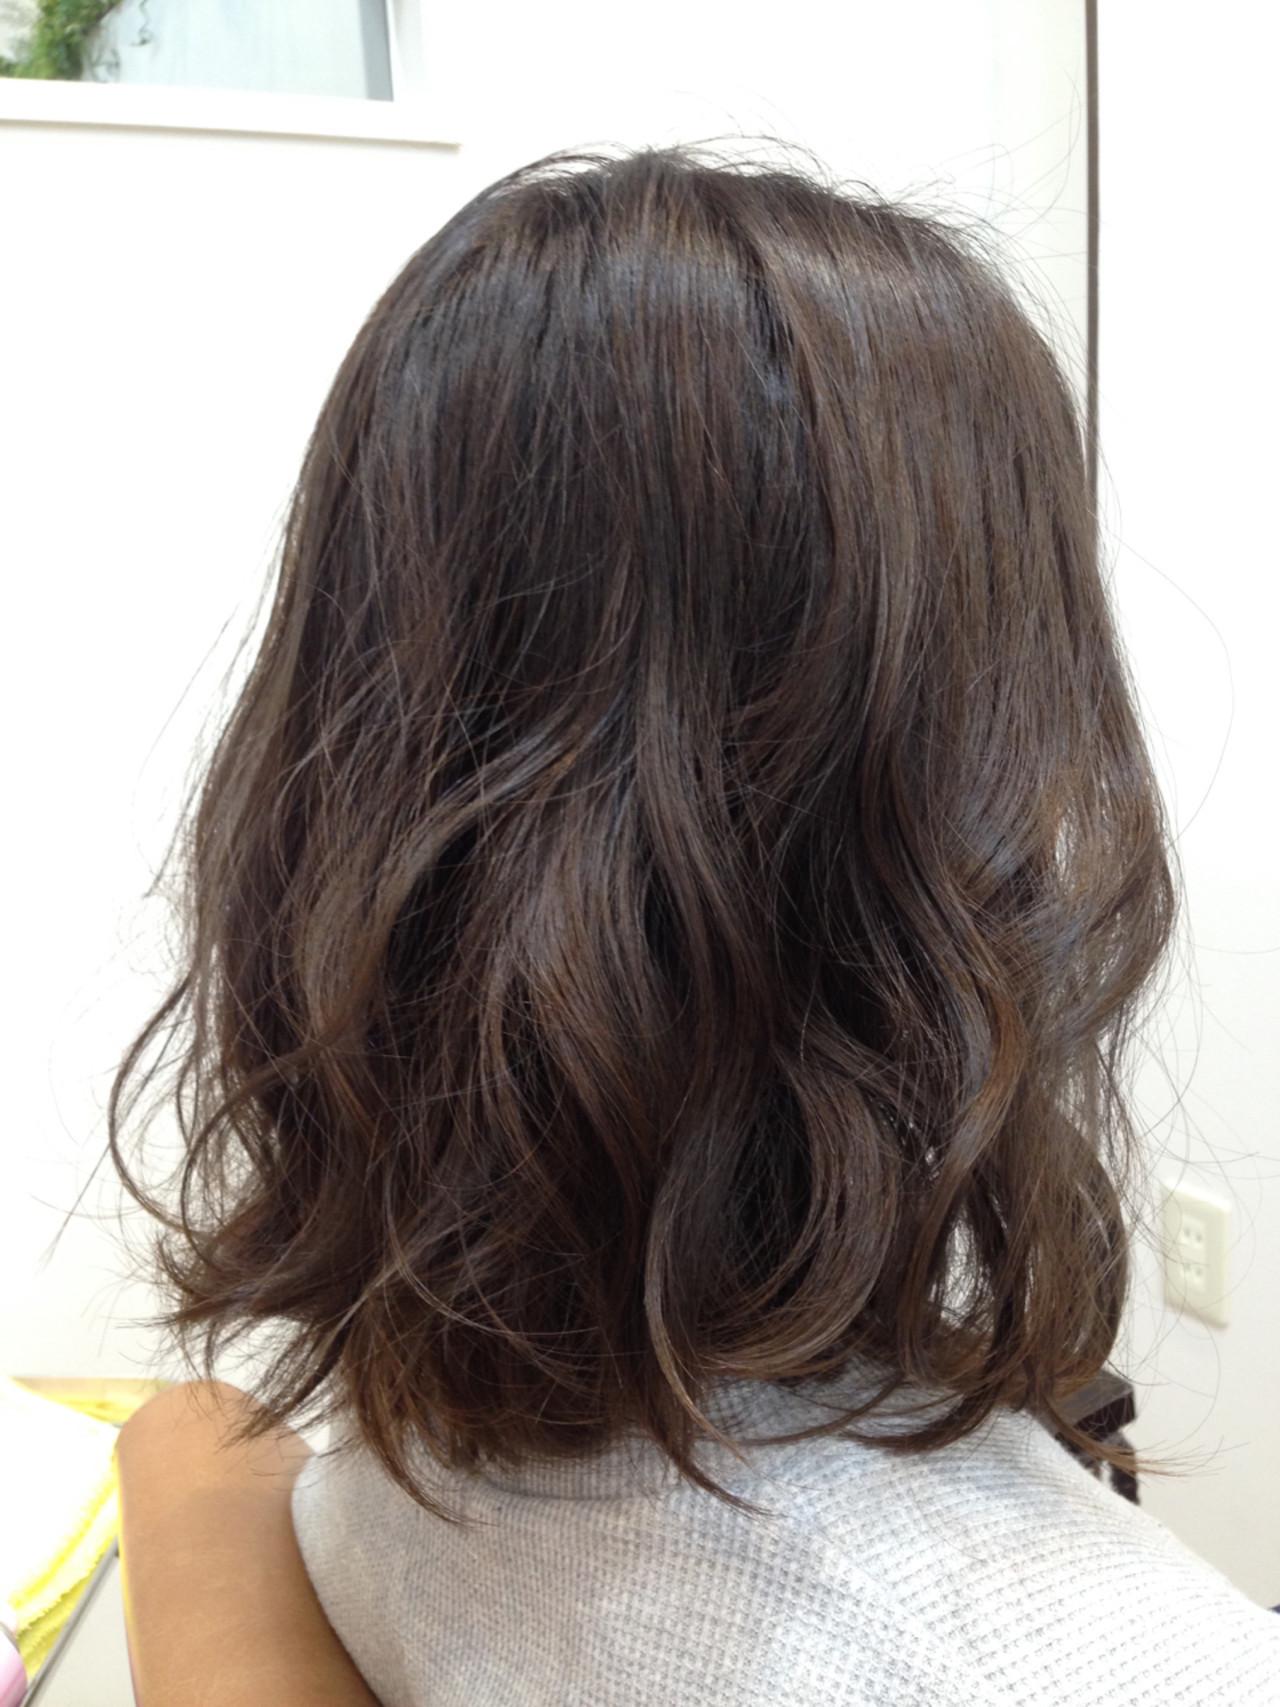 【ブリーチなしでも可愛い!】黒に近い髪色×暗めアッシュ大公開♡の10枚目の画像